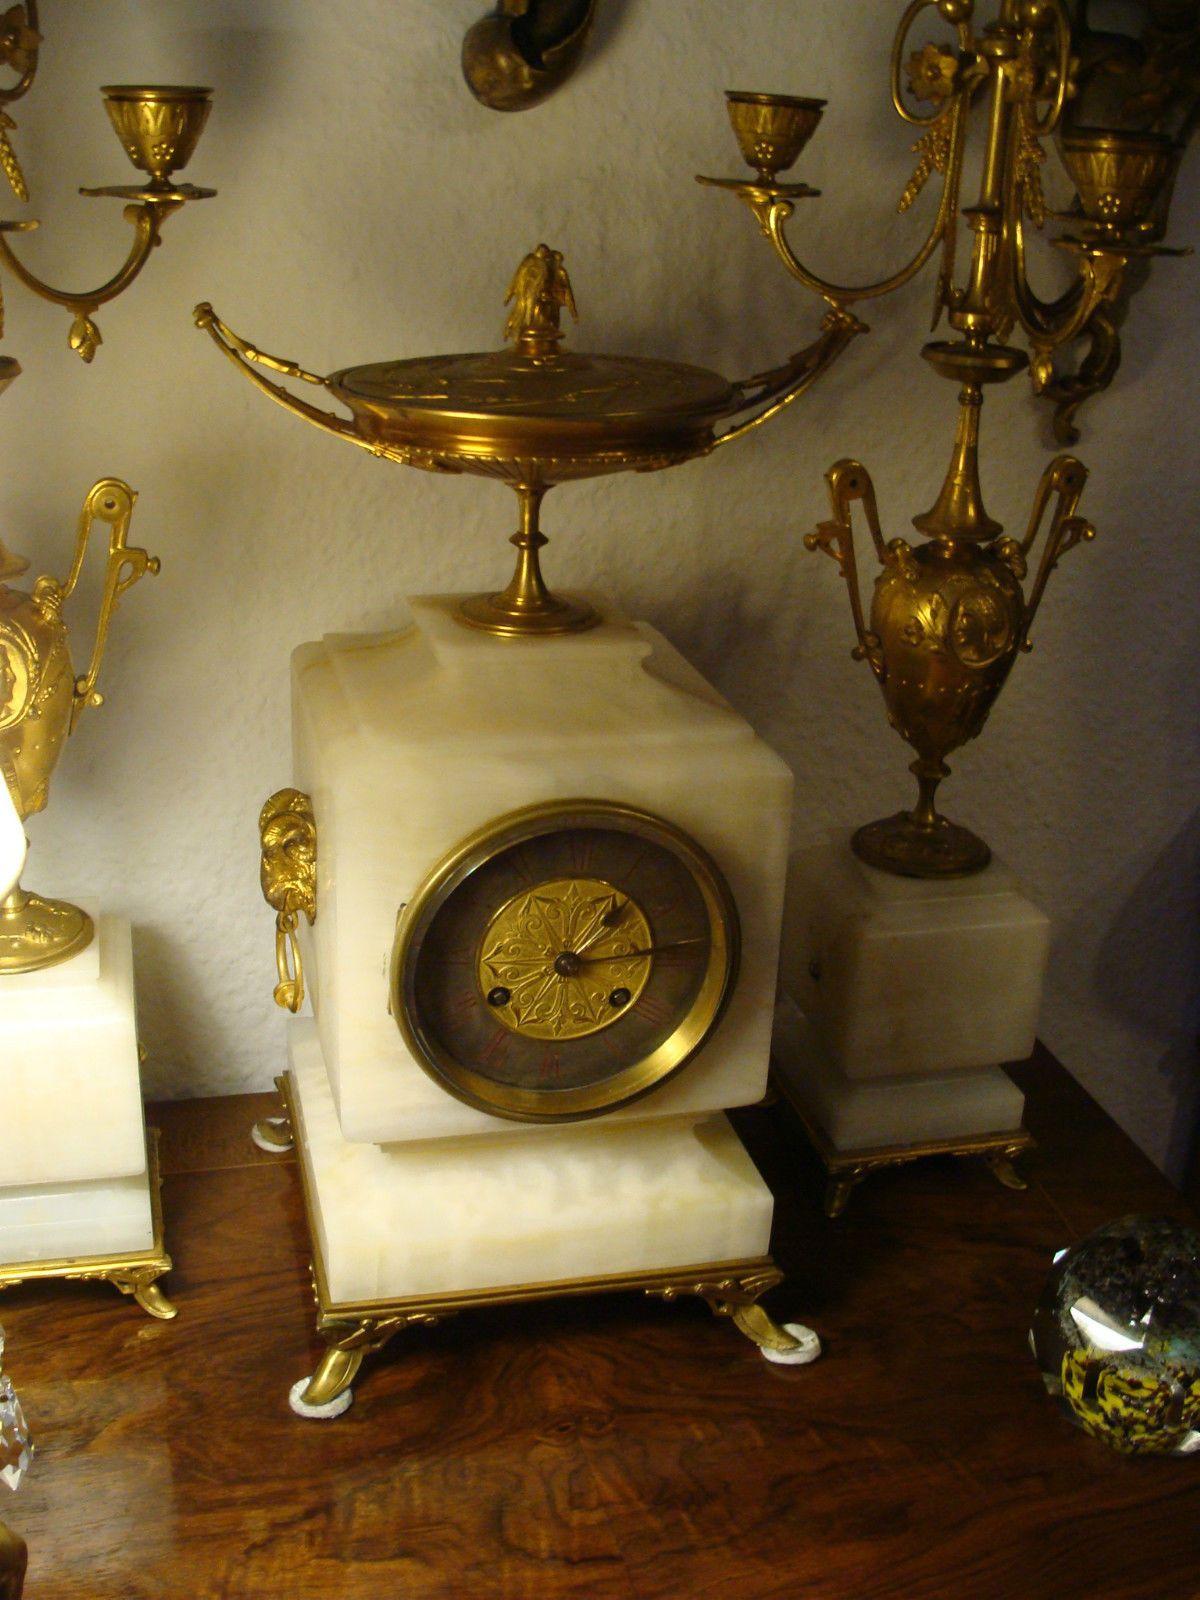 Details Zu Kaminuhr S Marti 1870 Bronze Klassizismus Marmor Beisteller Kandelaber Girandole Mit Bildern Kaminuhren Klassizismus Bronze